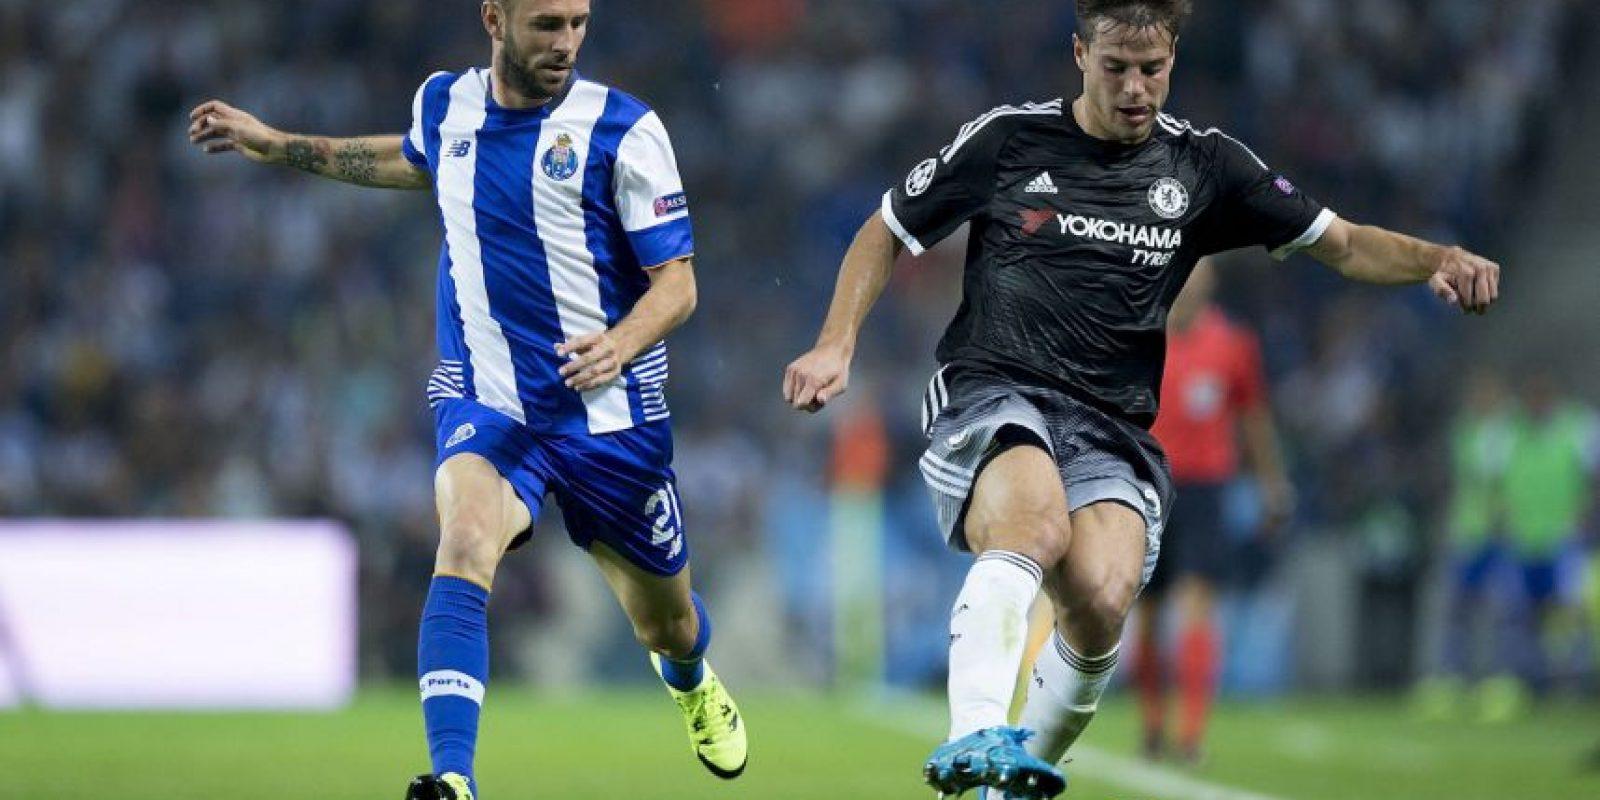 """El defensa mexicano está brillando en el Porto. El pasado fin de semana, marcó un golazo en la victoria 2-0 sobre Vitoria Setúbal y se confirma como uno de los jugadores claves de los """"Dragones"""" esta temporada. Foto:Getty Images"""